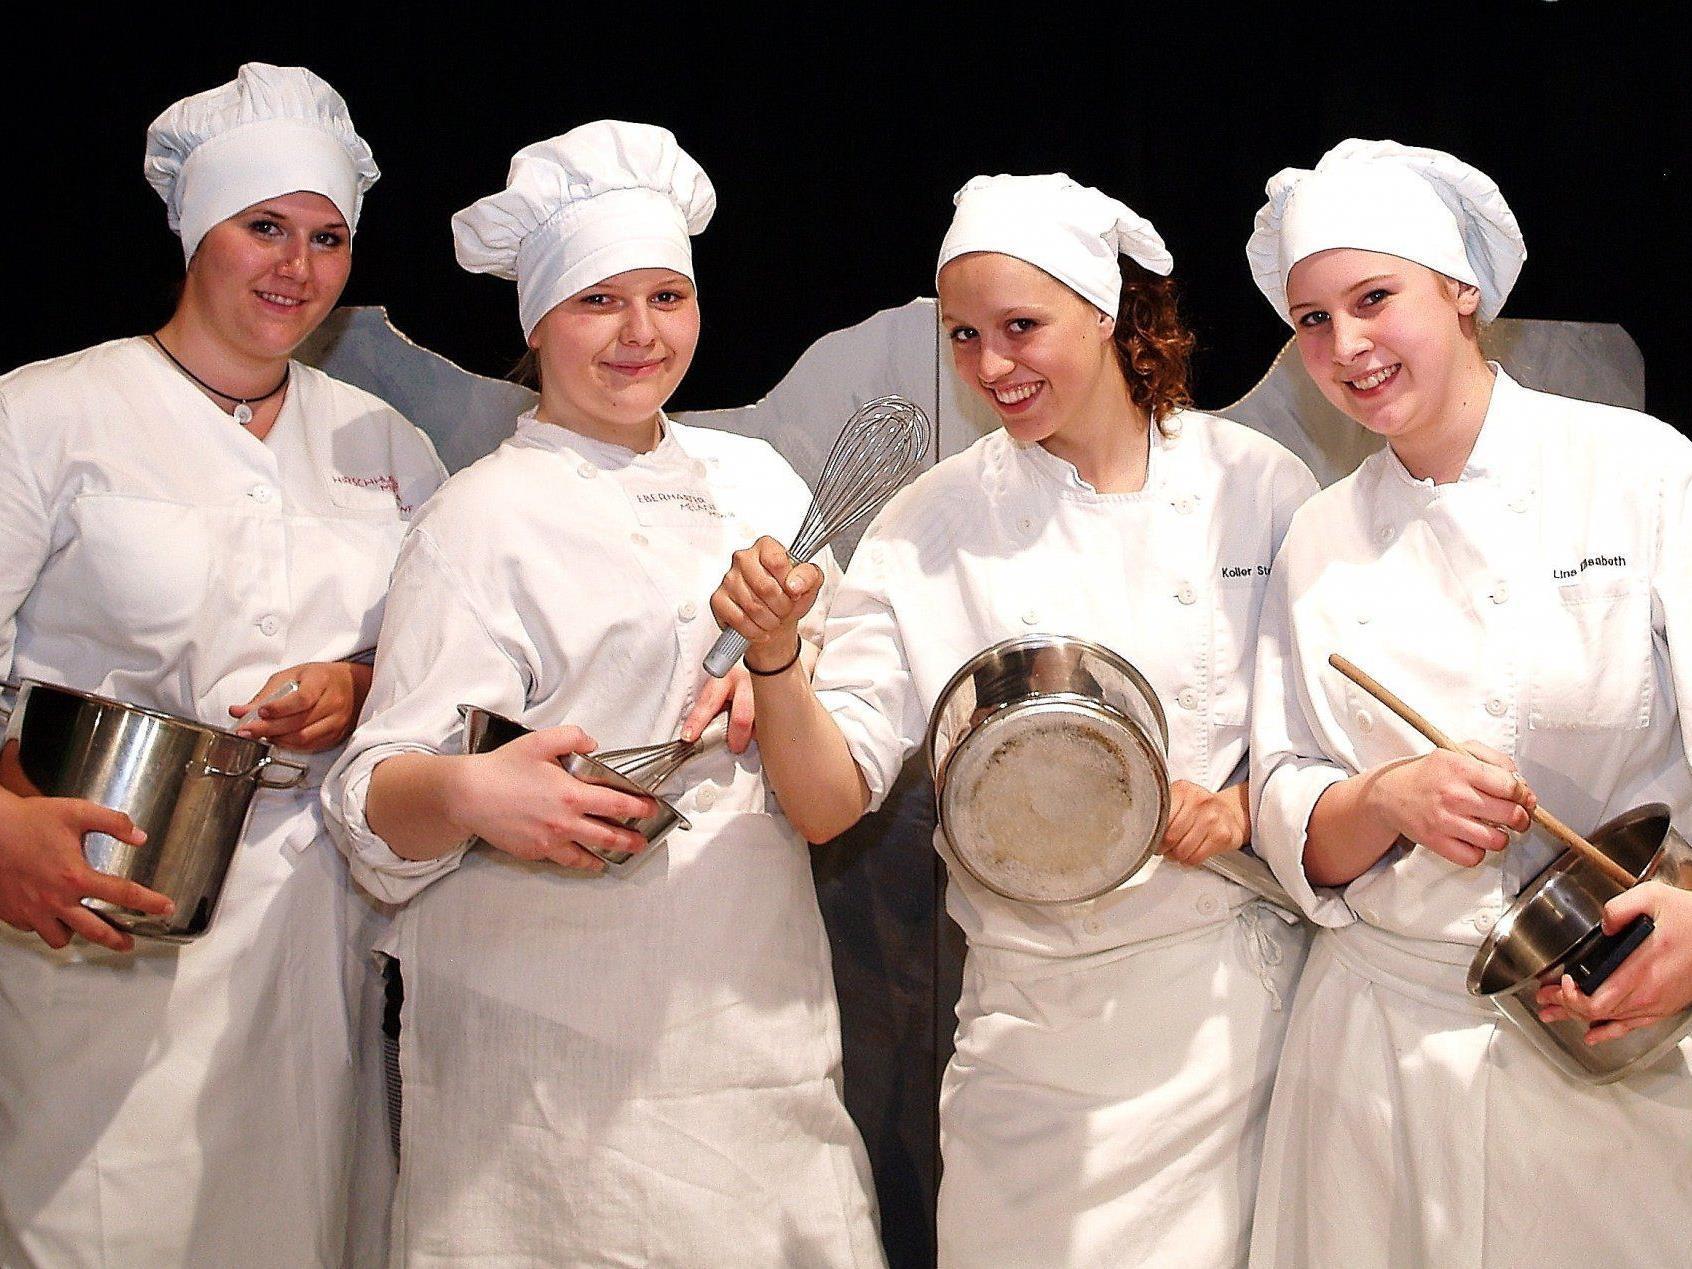 Beim Kochbewerb waren vor allem Teamgeist, Einfallsreichtum und fachliches Können gefragt.